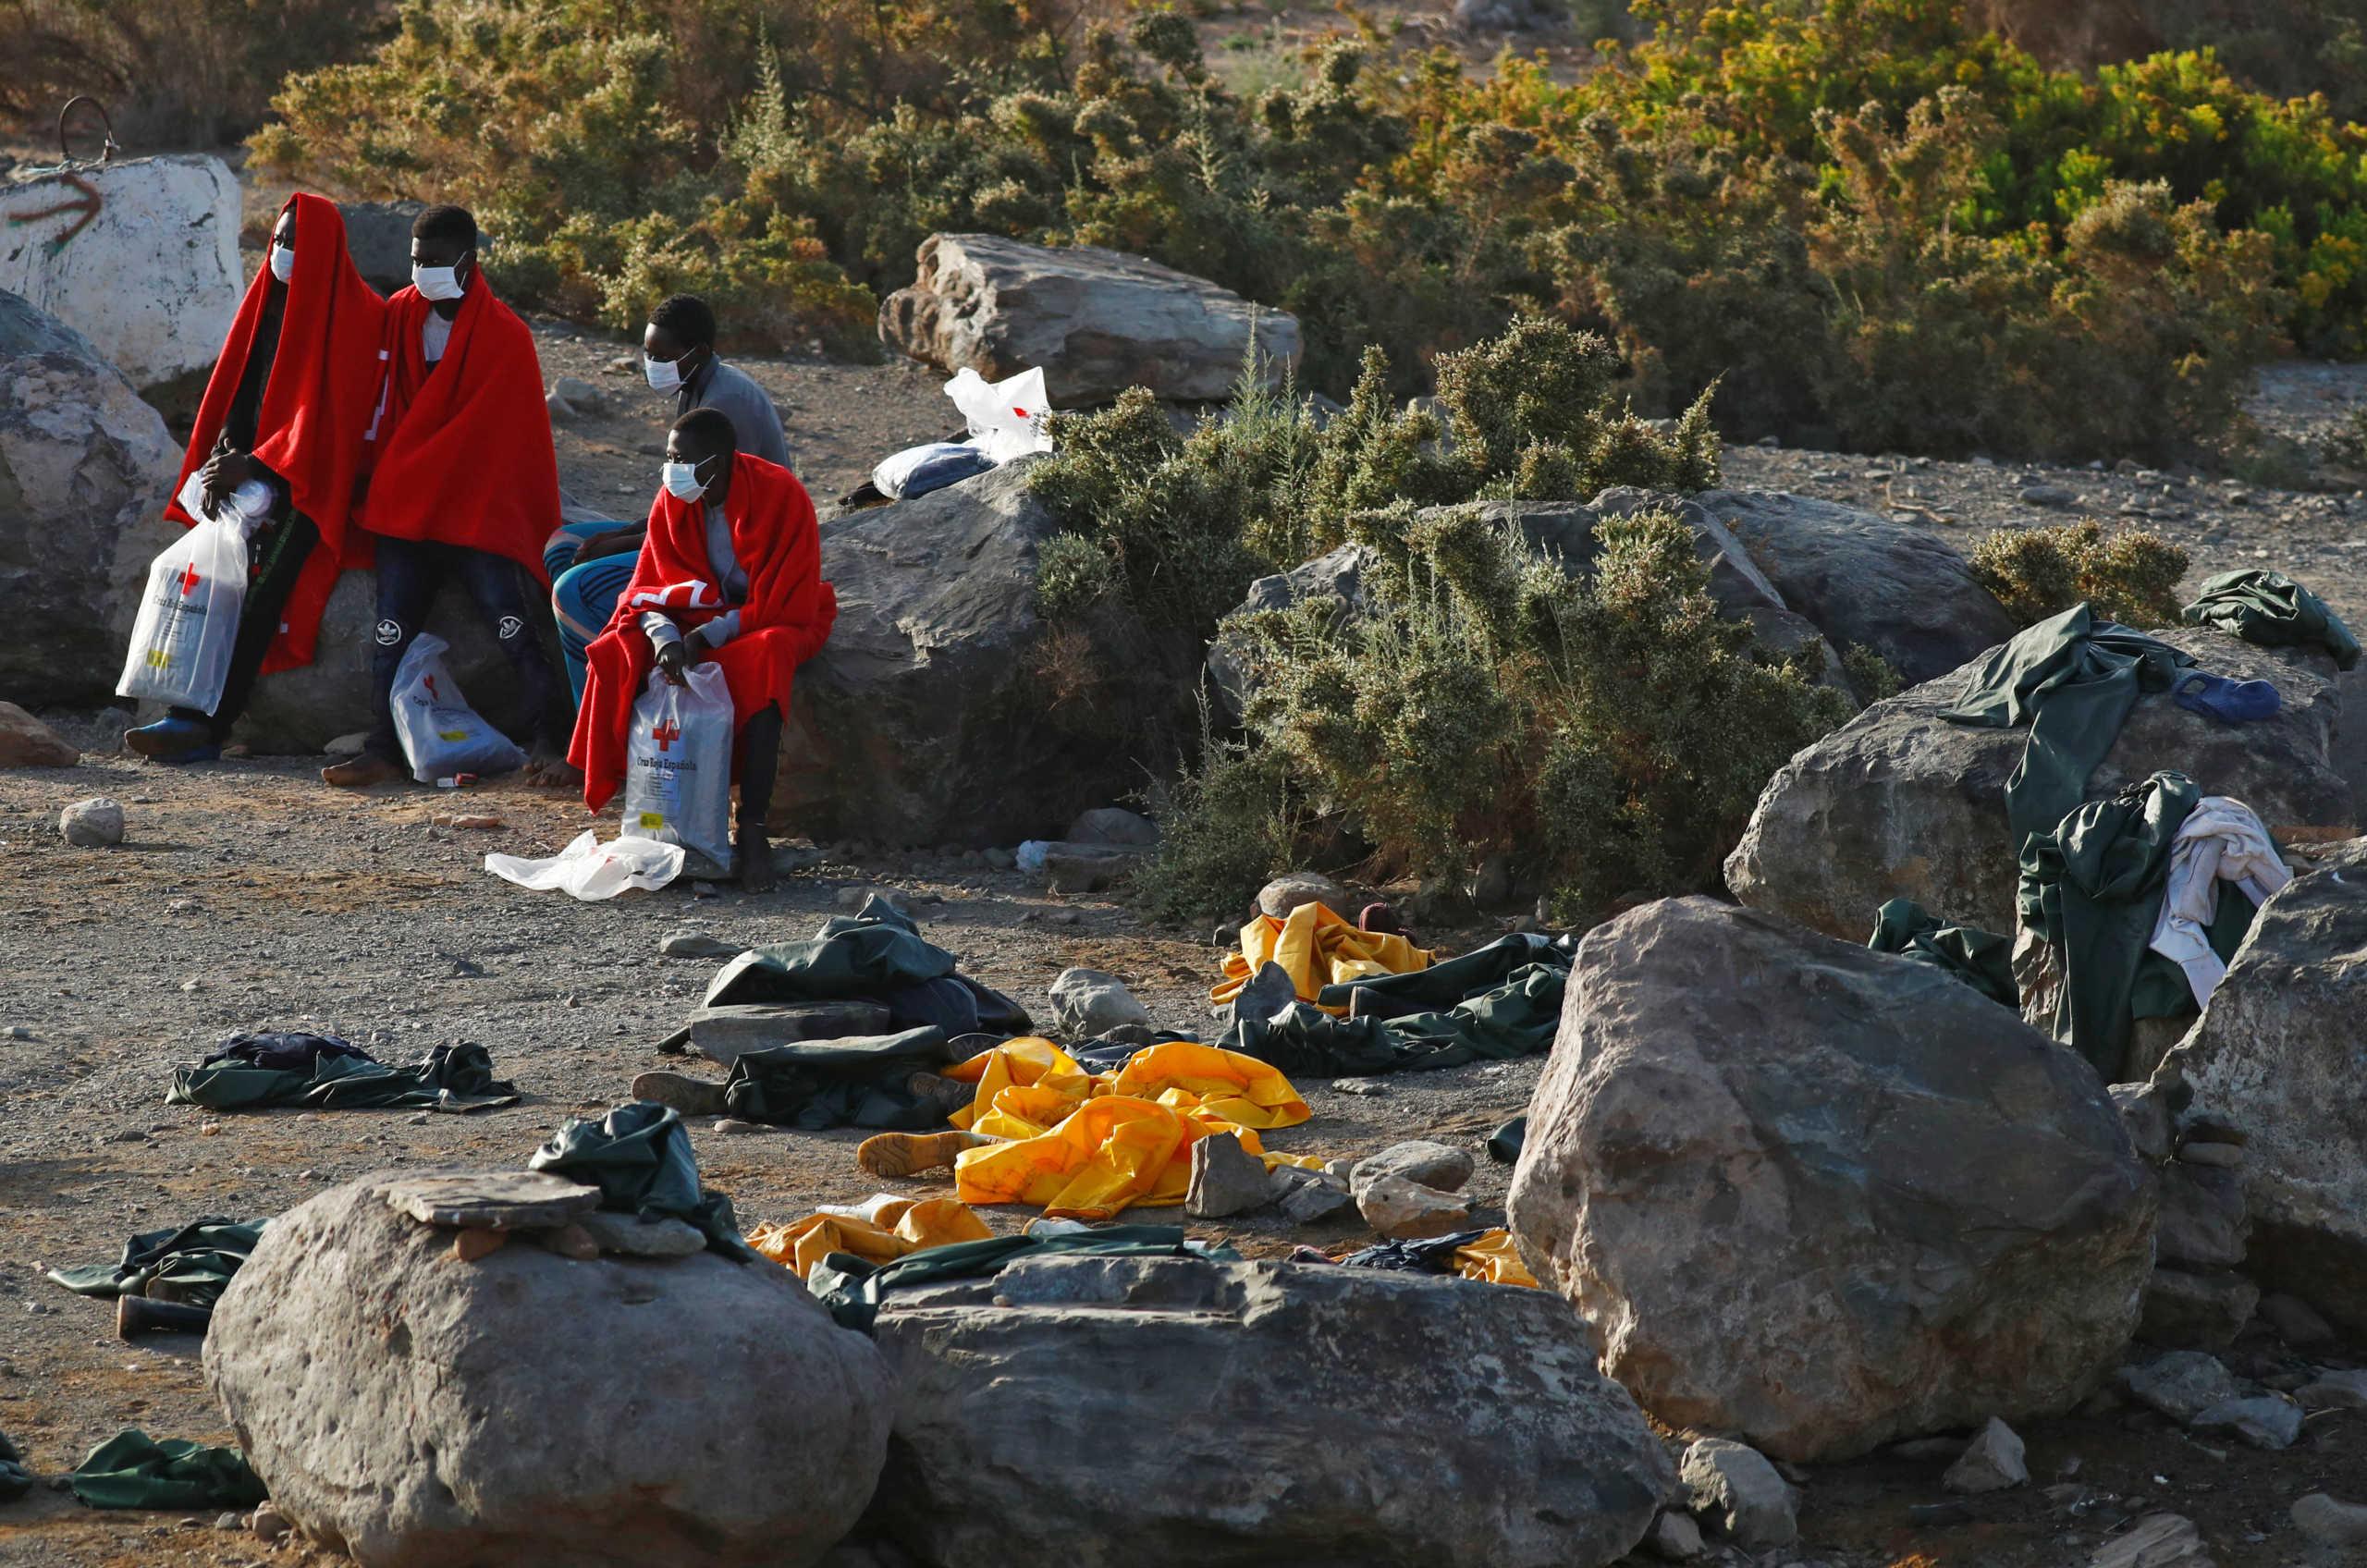 Τους 46 έφτασαν οι νεκροί από το ναυάγιο στην Τυνησία